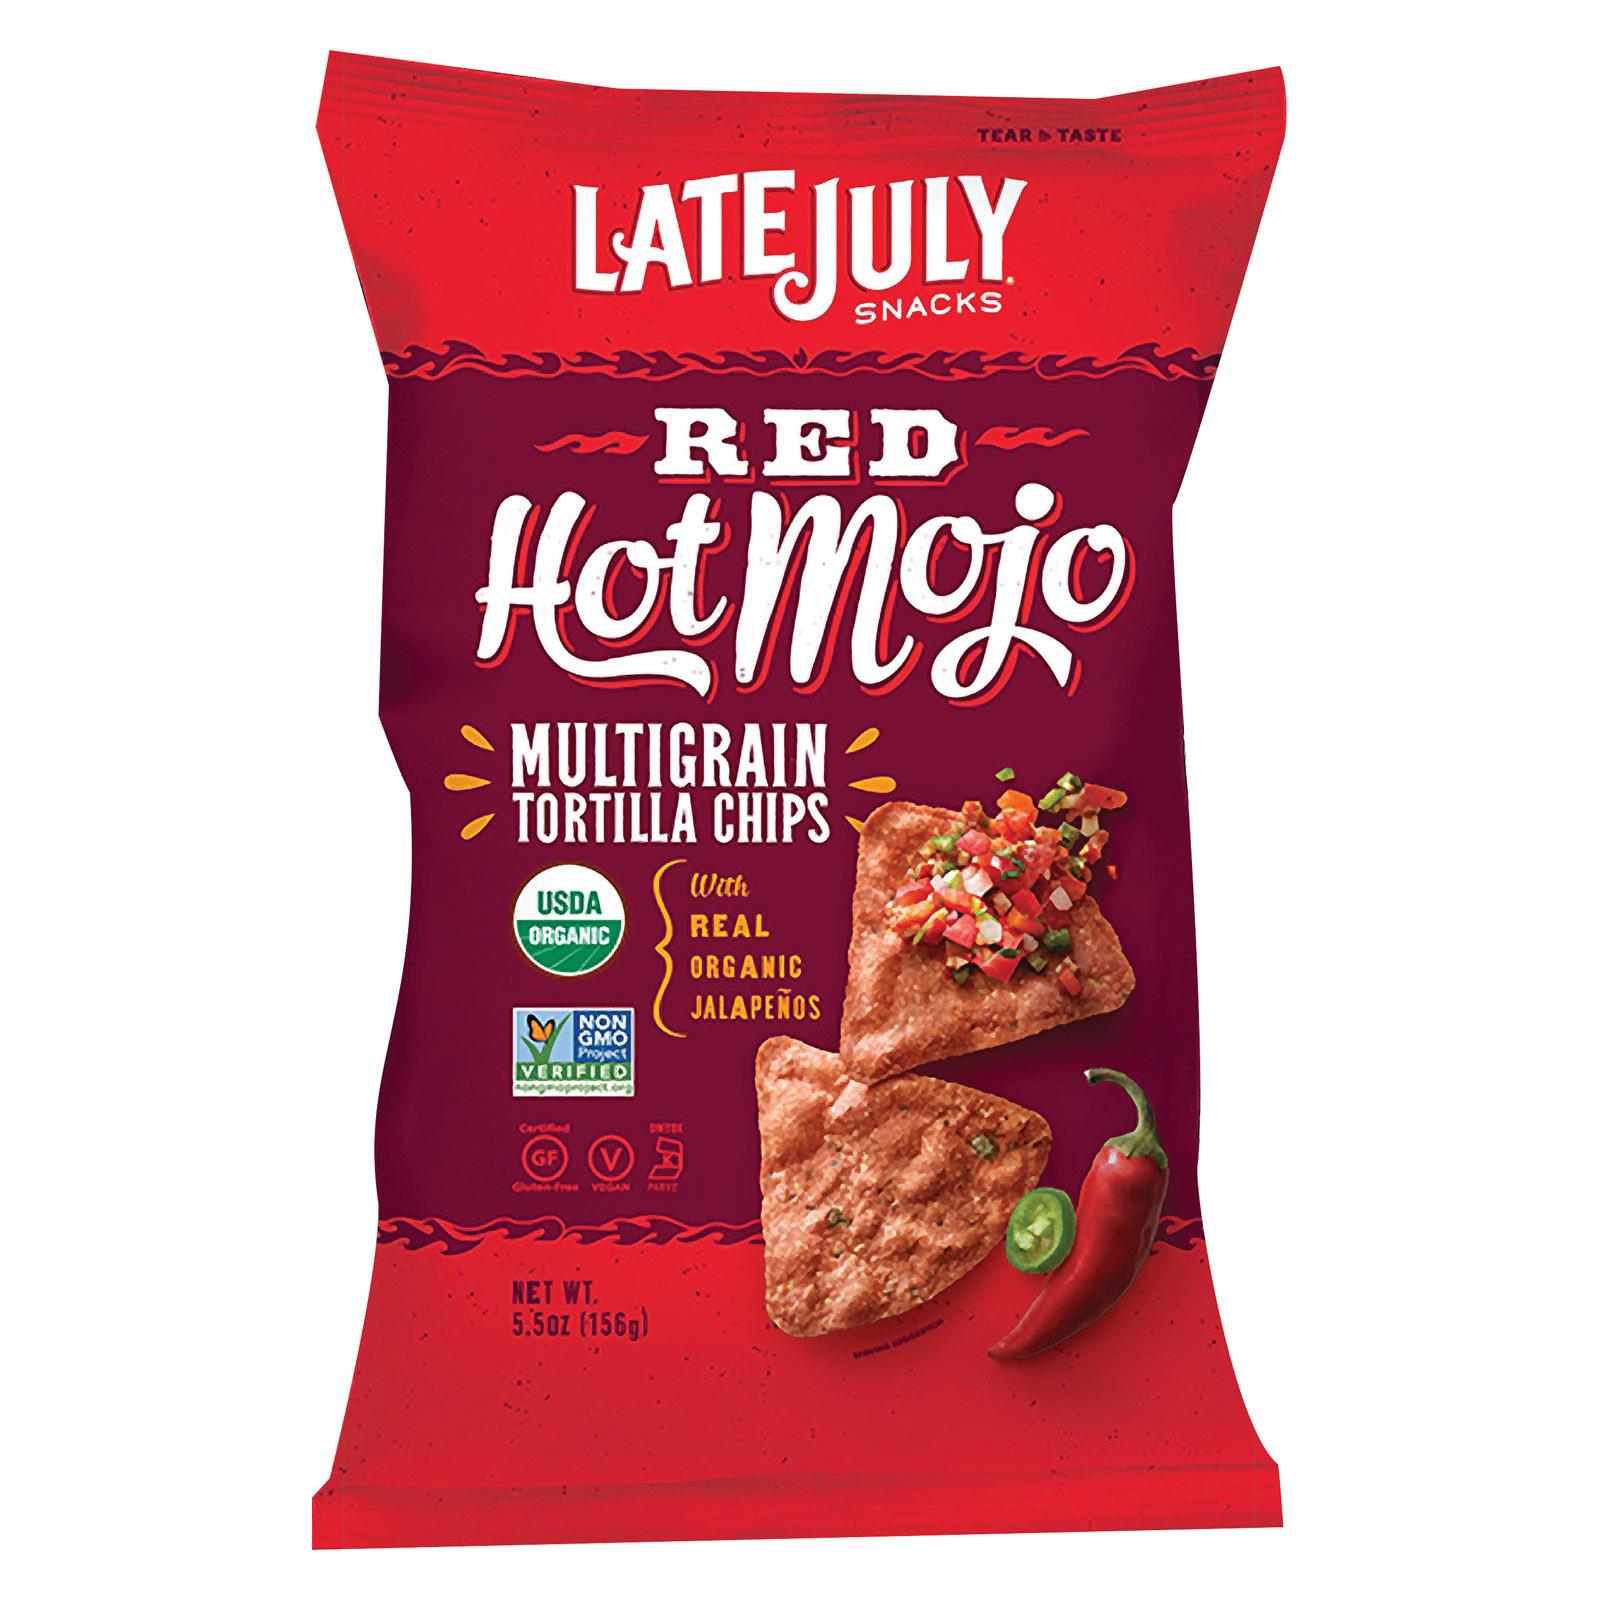 Late July Snacks Organic Multigrain Snack Chips - Red Hot Mojo - Case of 12 - 5.5 oz.